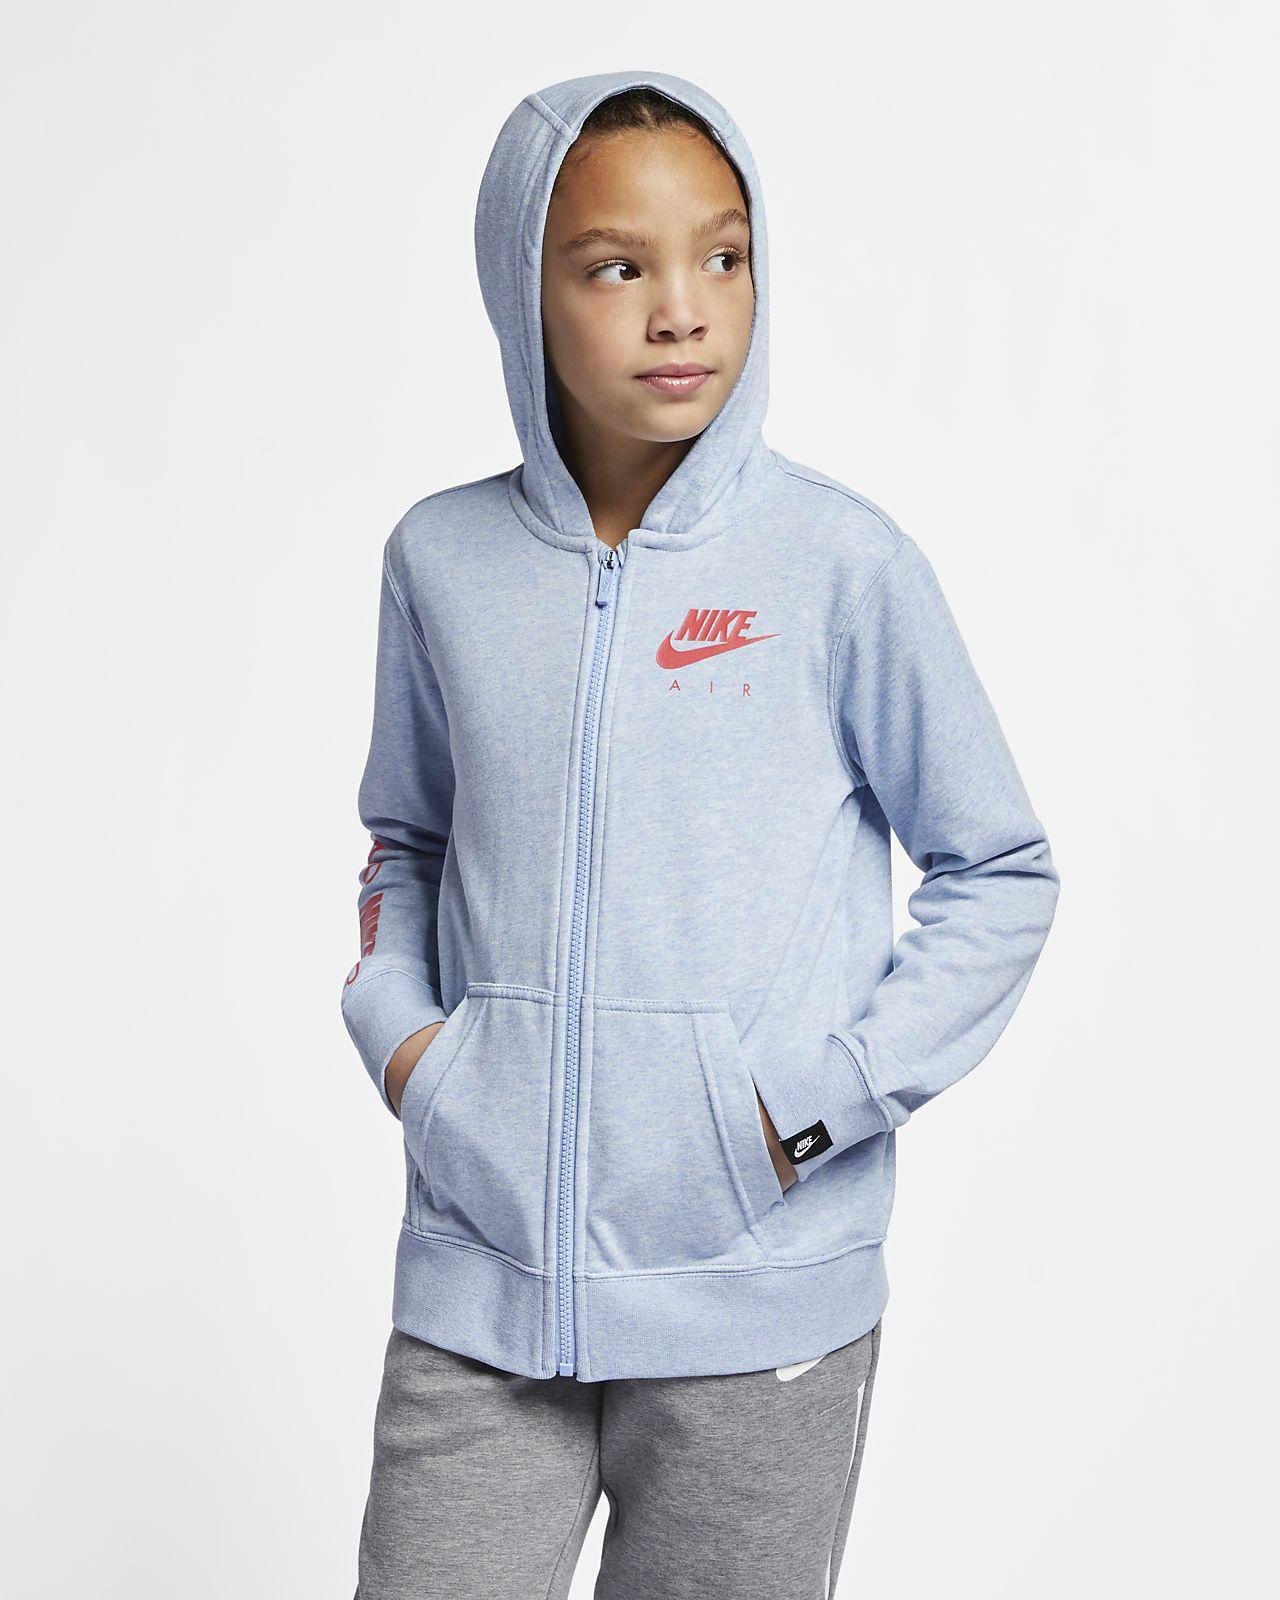 Huvtröja Nike Air med hel dragkedja för tjejer